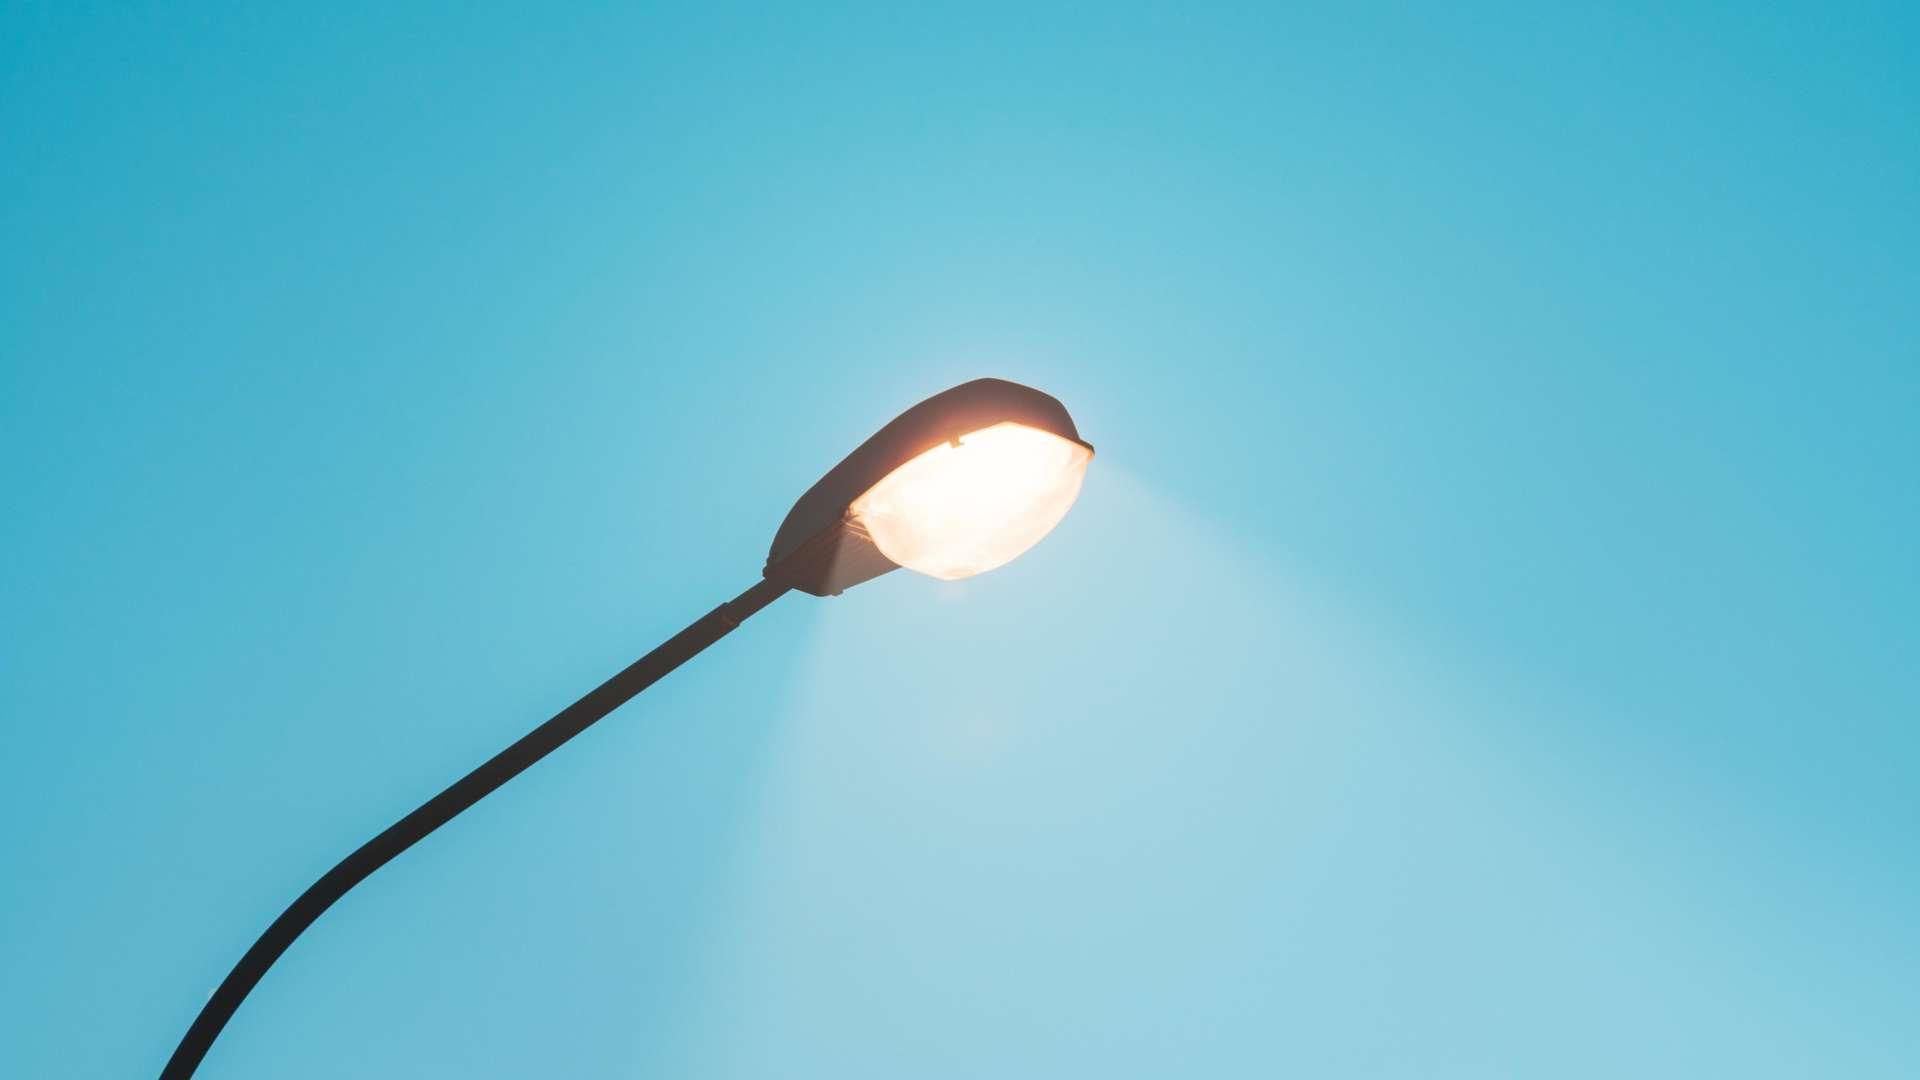 Yksi katuvalopylväs ja lamppu, Katuvalo valaisee kirkkaasti.